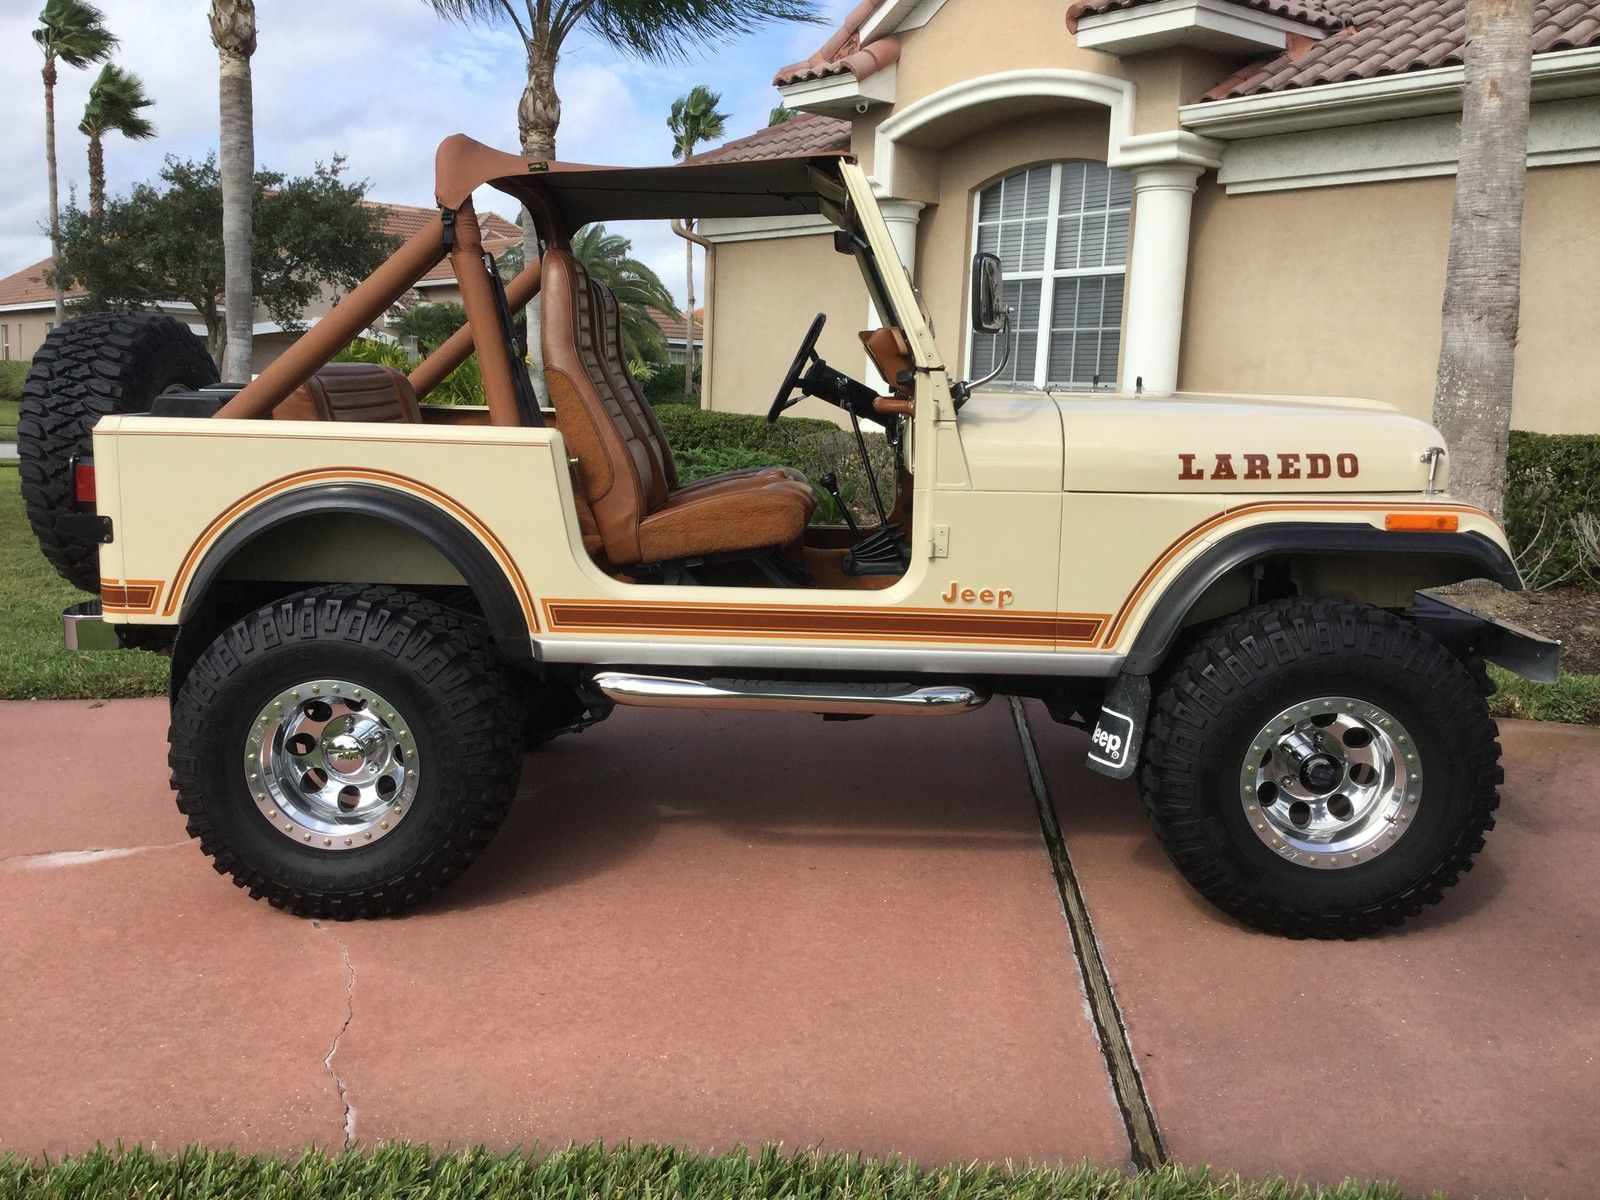 Jeep Cj7 Parts >> Jeep CJ7 1984 Laredo, 37k Original Miles, Exceptional Condition - Classic Jeep CJ 1984 for sale